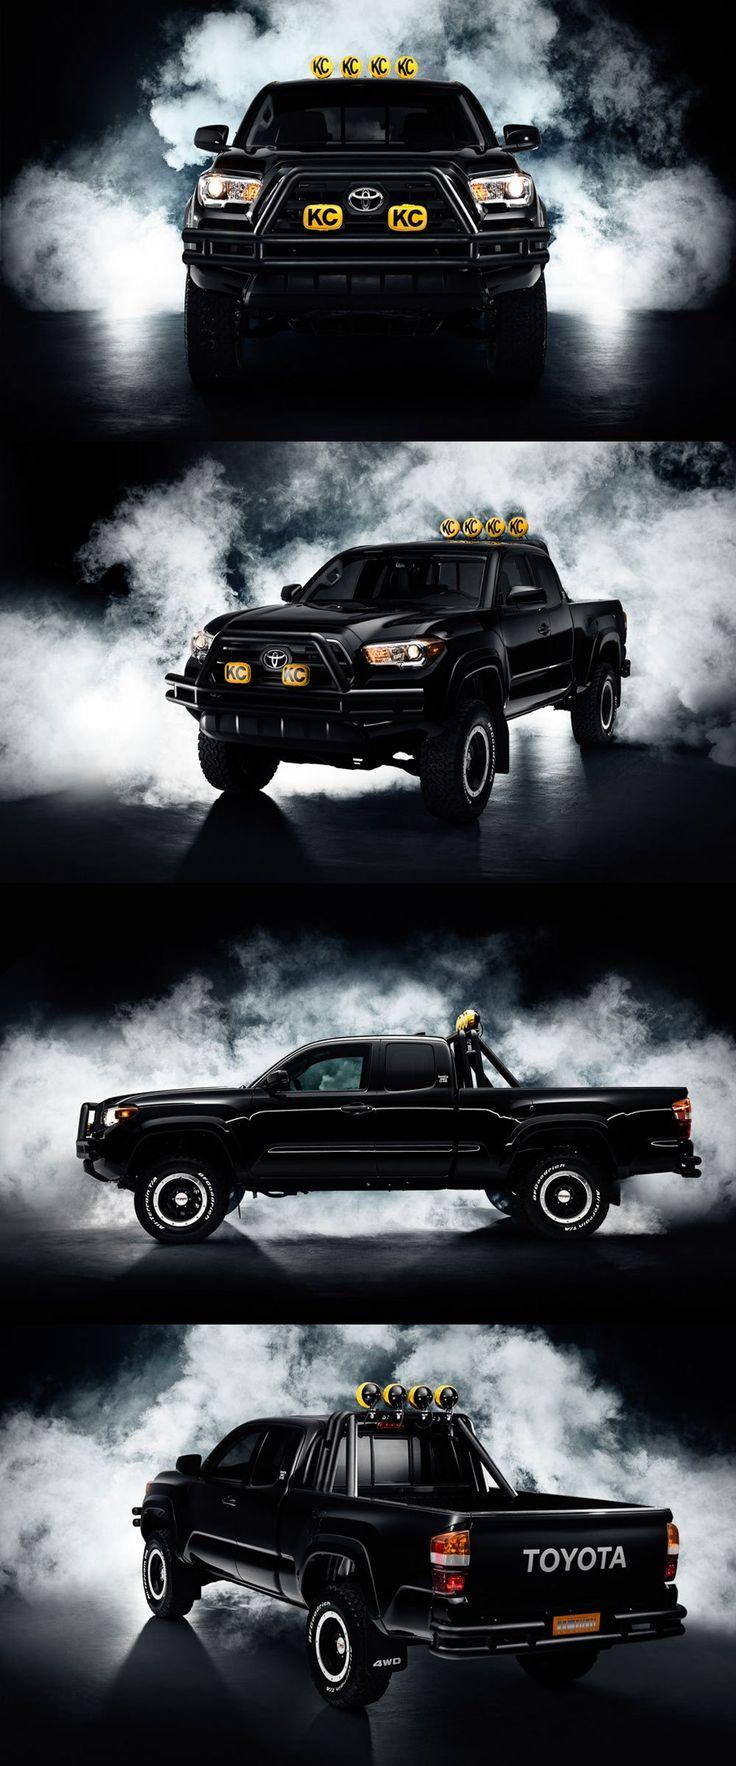 'Back to the Future' Toyota Tacoma